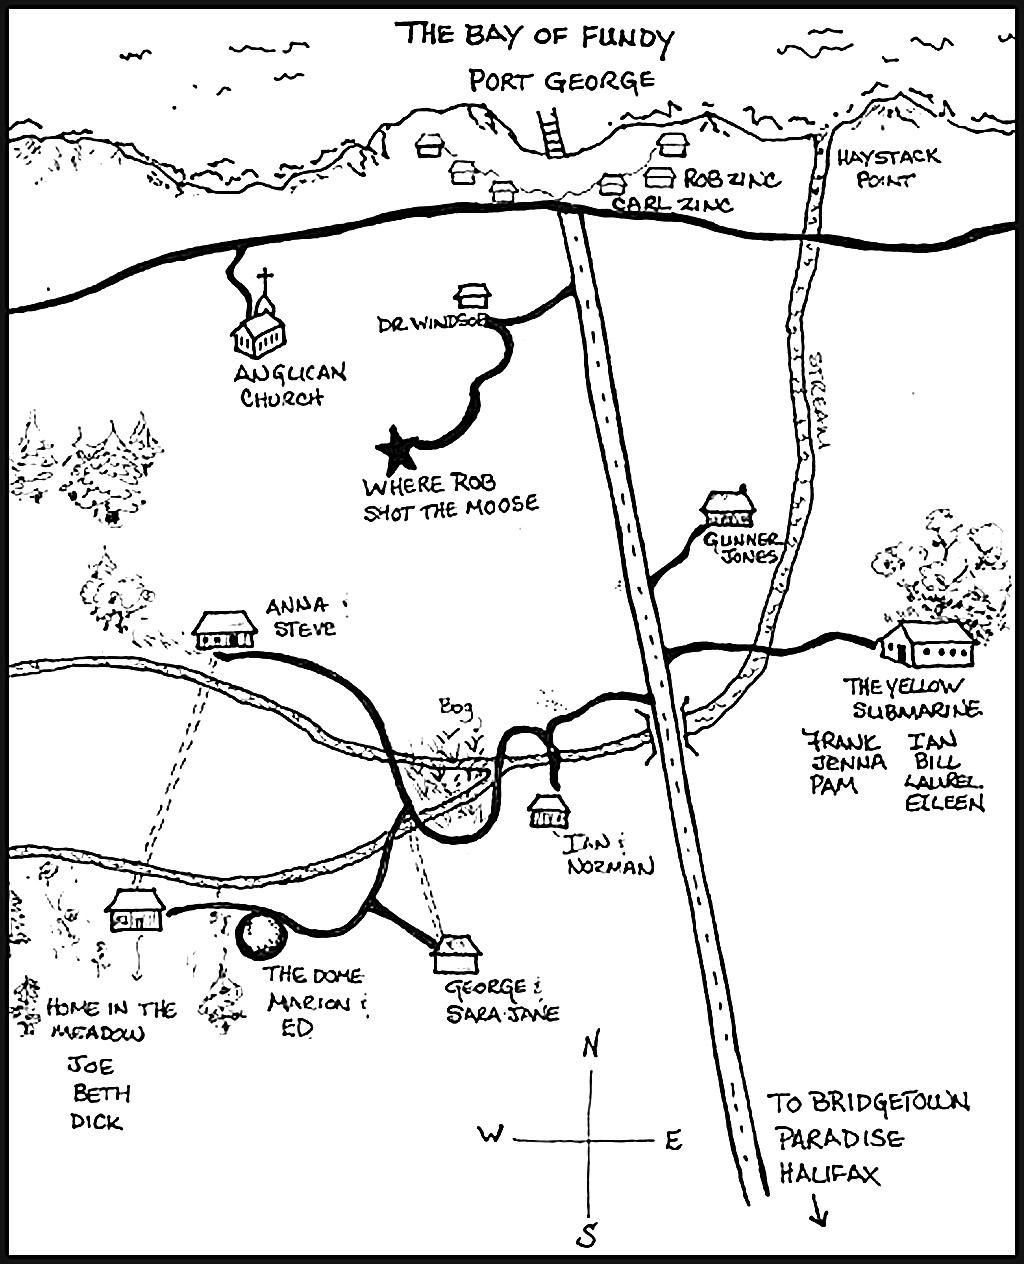 Joe's map